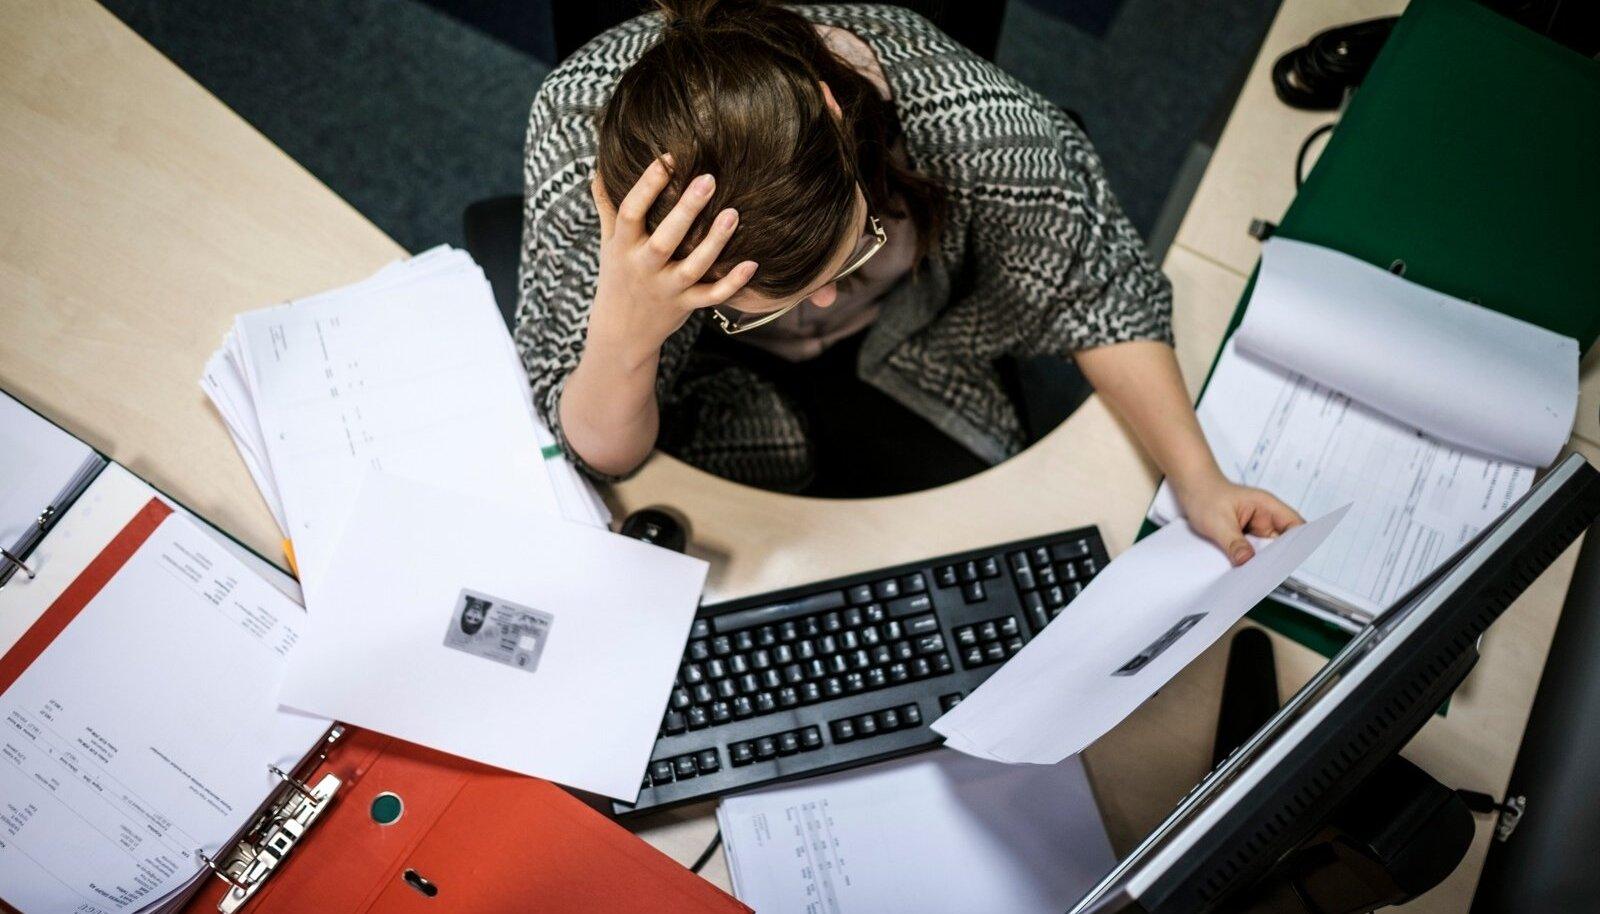 Ületöötamine ähvardab inimesi erinevates ametites.